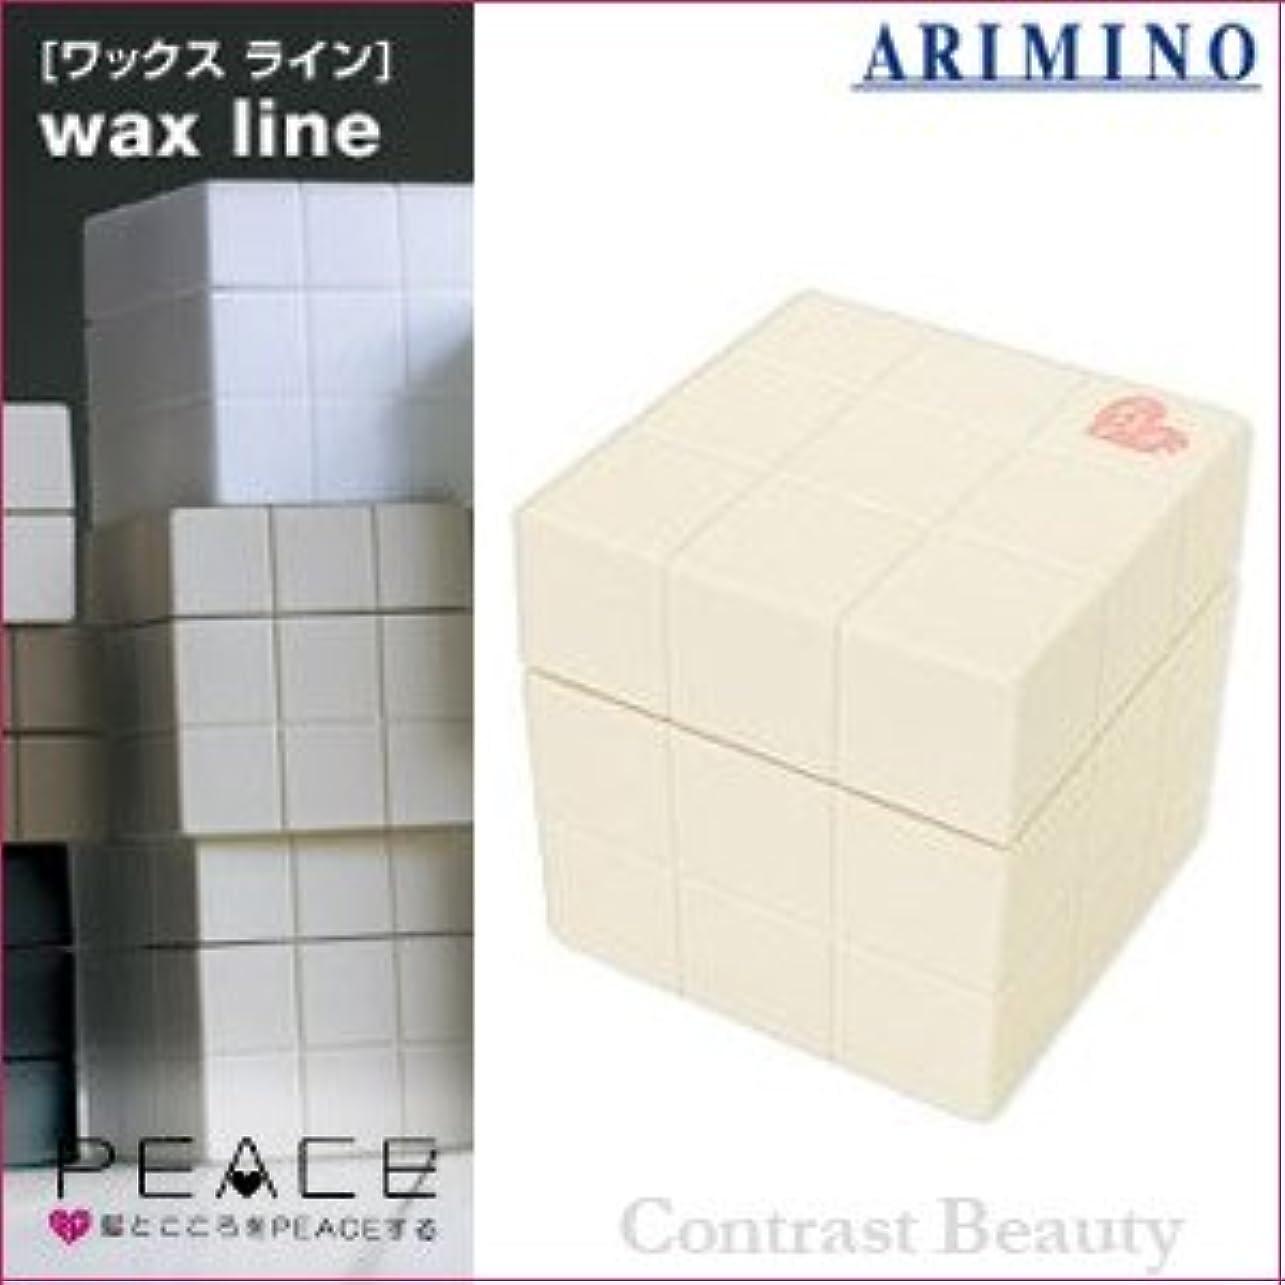 釈義脚本ドナー【x2個セット】 アリミノ ピース プロデザインシリーズ ニュアンスワックス バニラ 80g